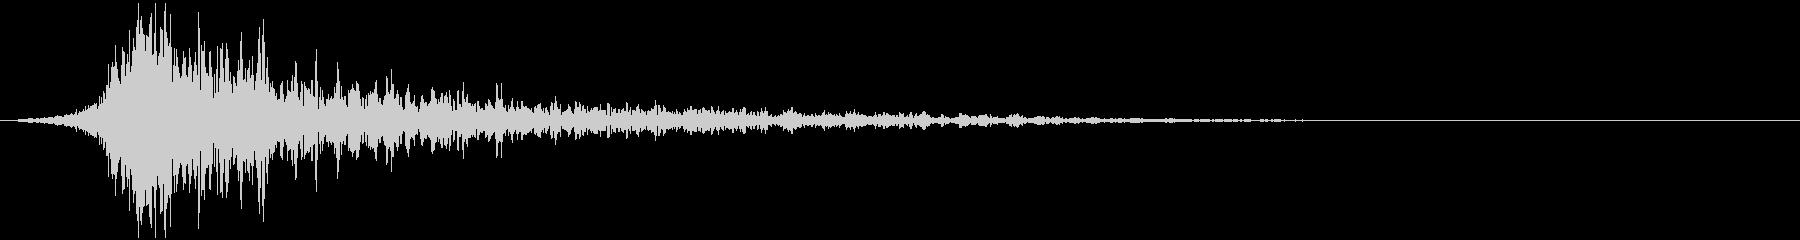 シュードーン-37-2(インパクト音)の未再生の波形